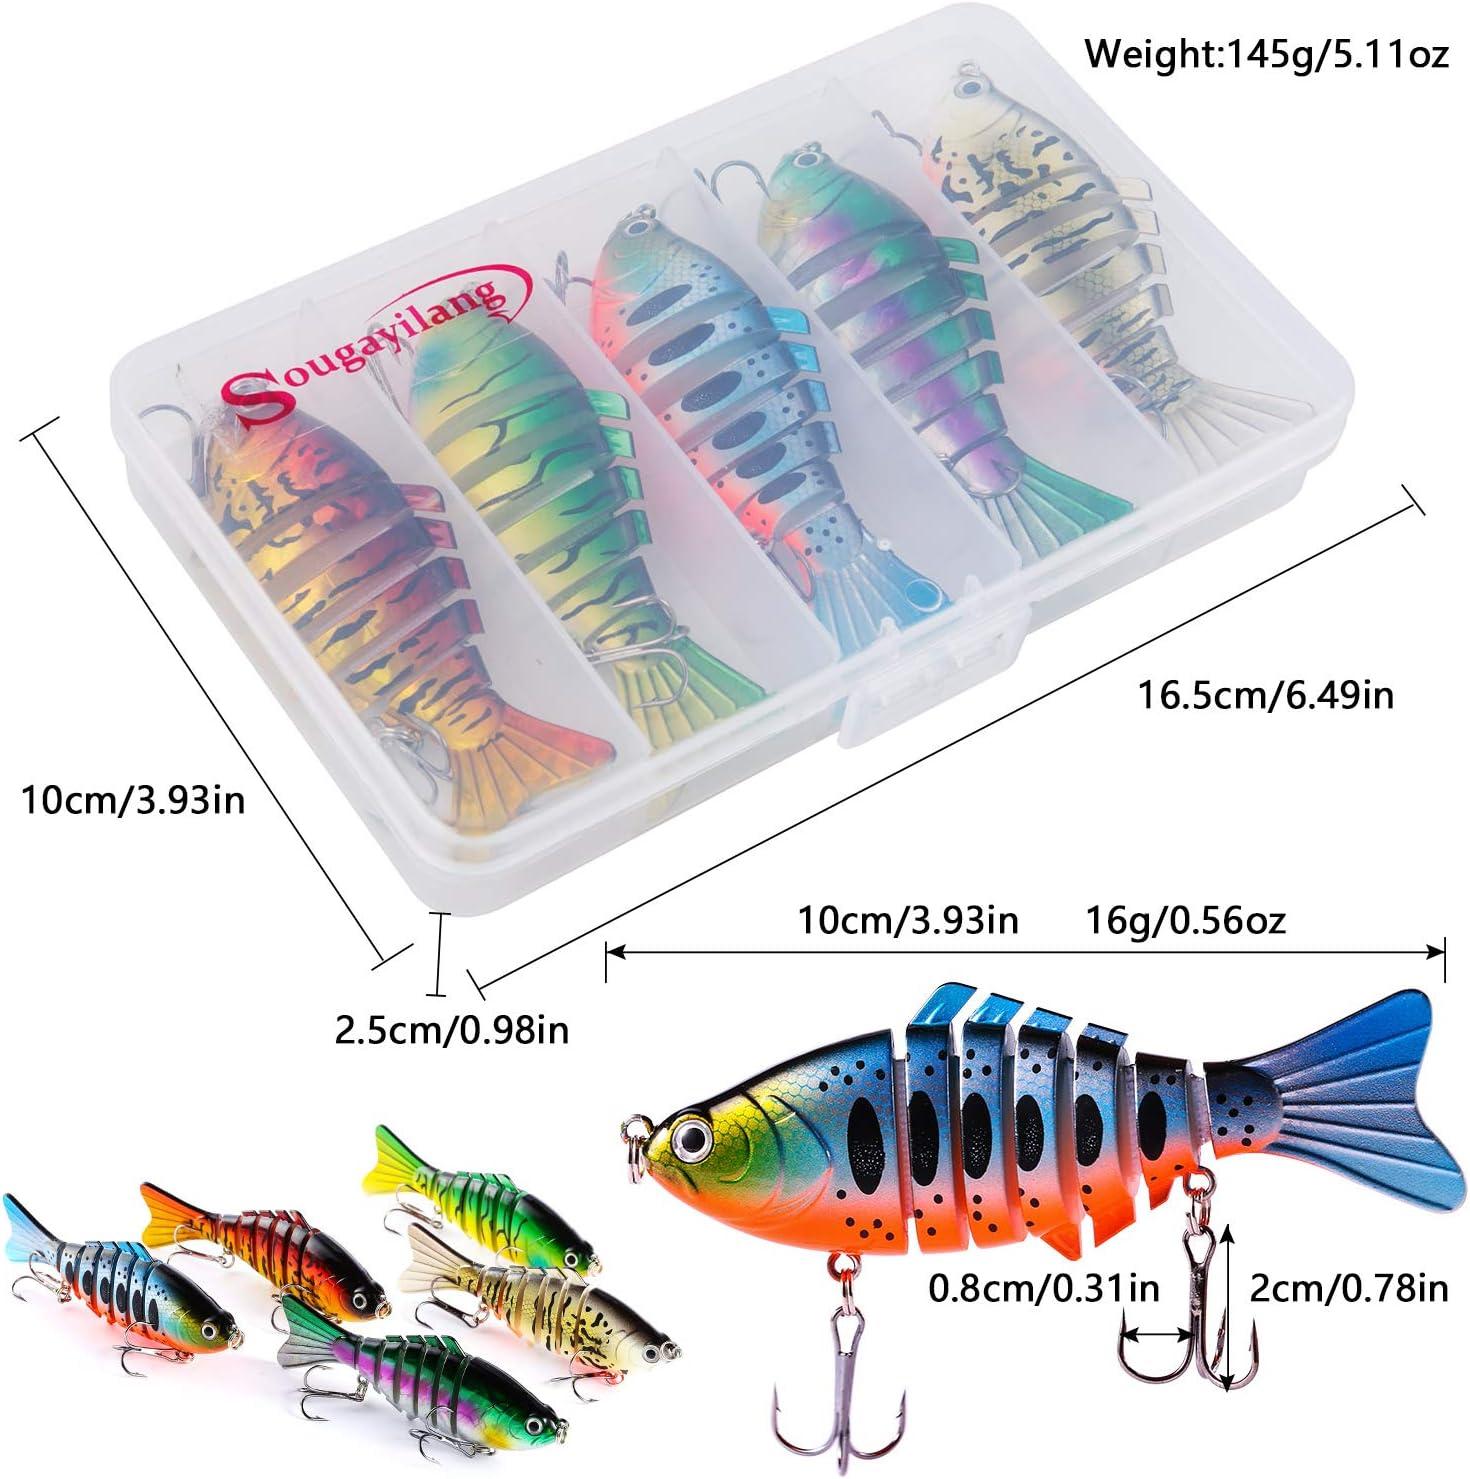 Pack of 5 Carp 6 inch Baiting Needles Pike Fishing Predator